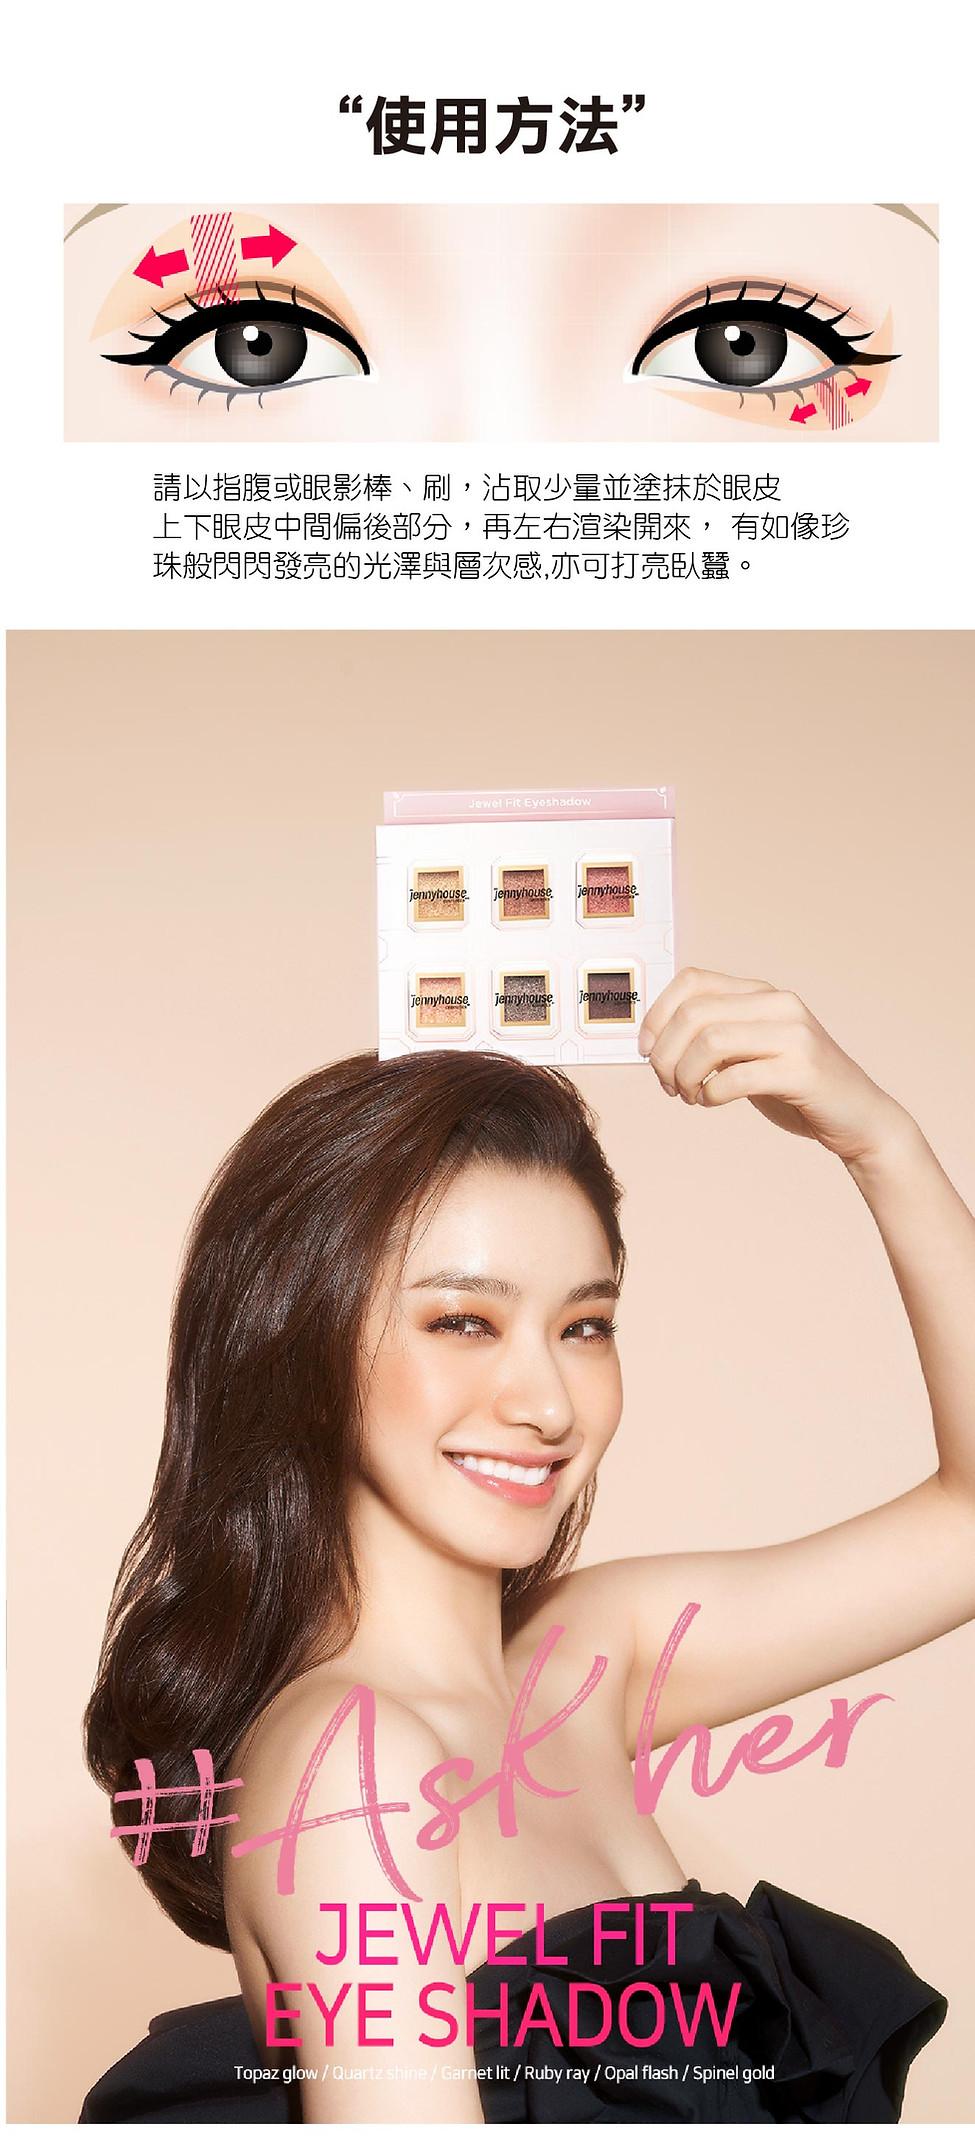 韓國化妝品網站長圖-4-06.jpg